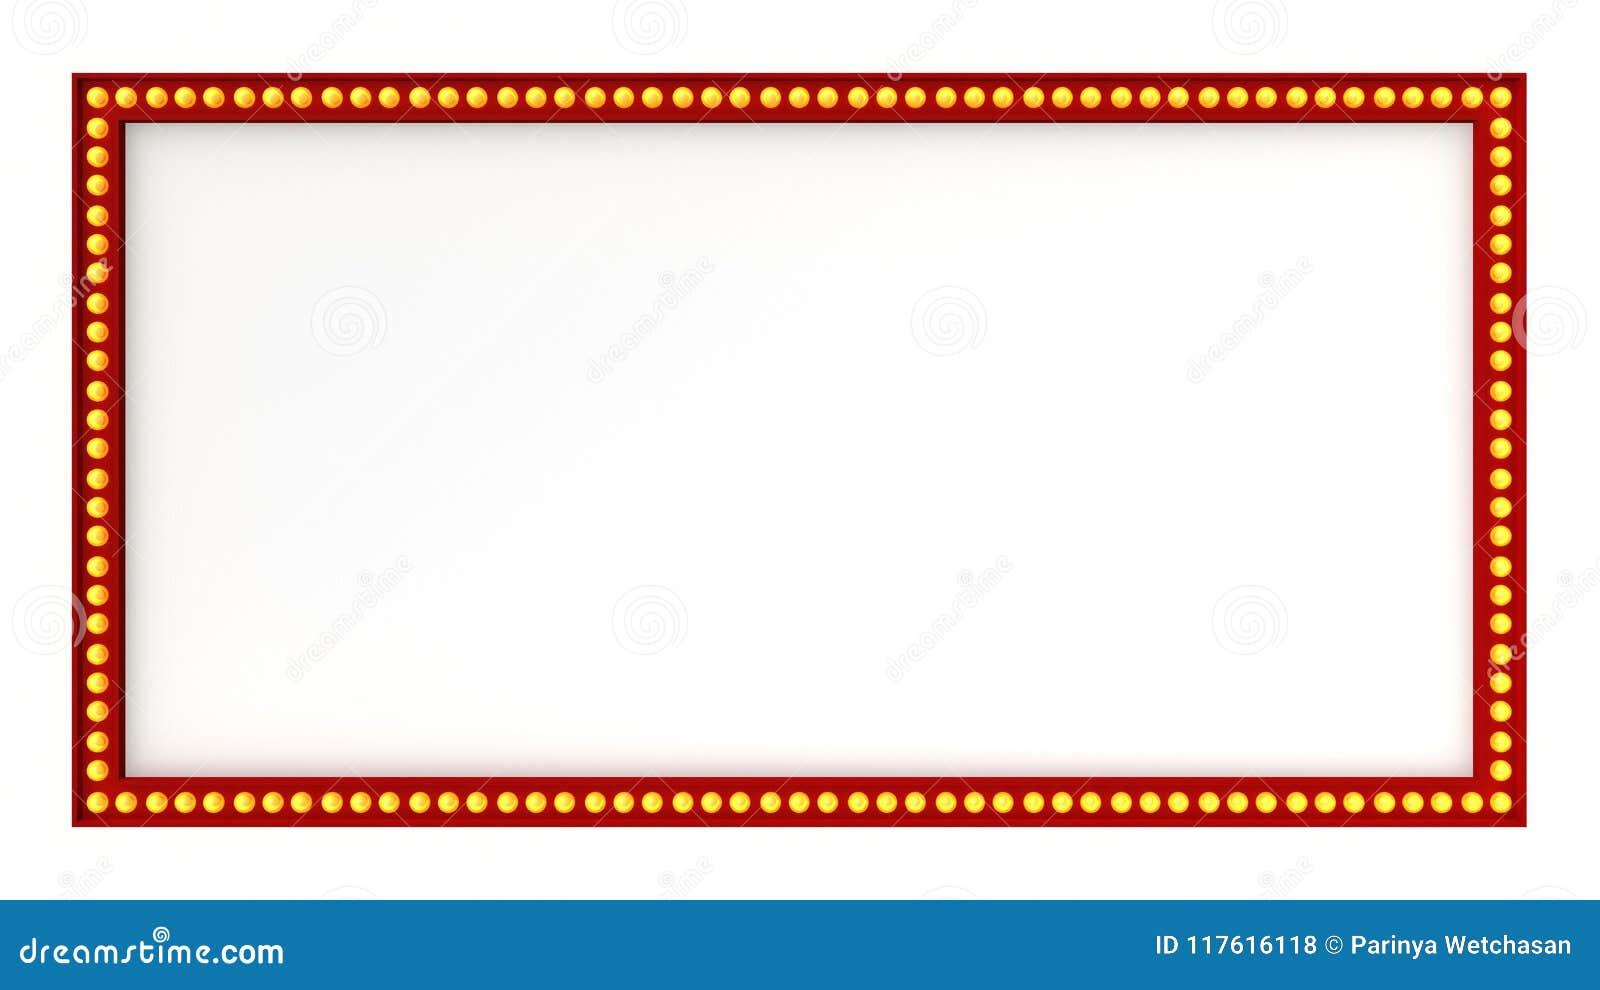 Κόκκινο σημάδι πινάκων σκηνών ελαφρύ αναδρομικό στο άσπρο υπόβαθρο τρισδιάστατη απόδοση